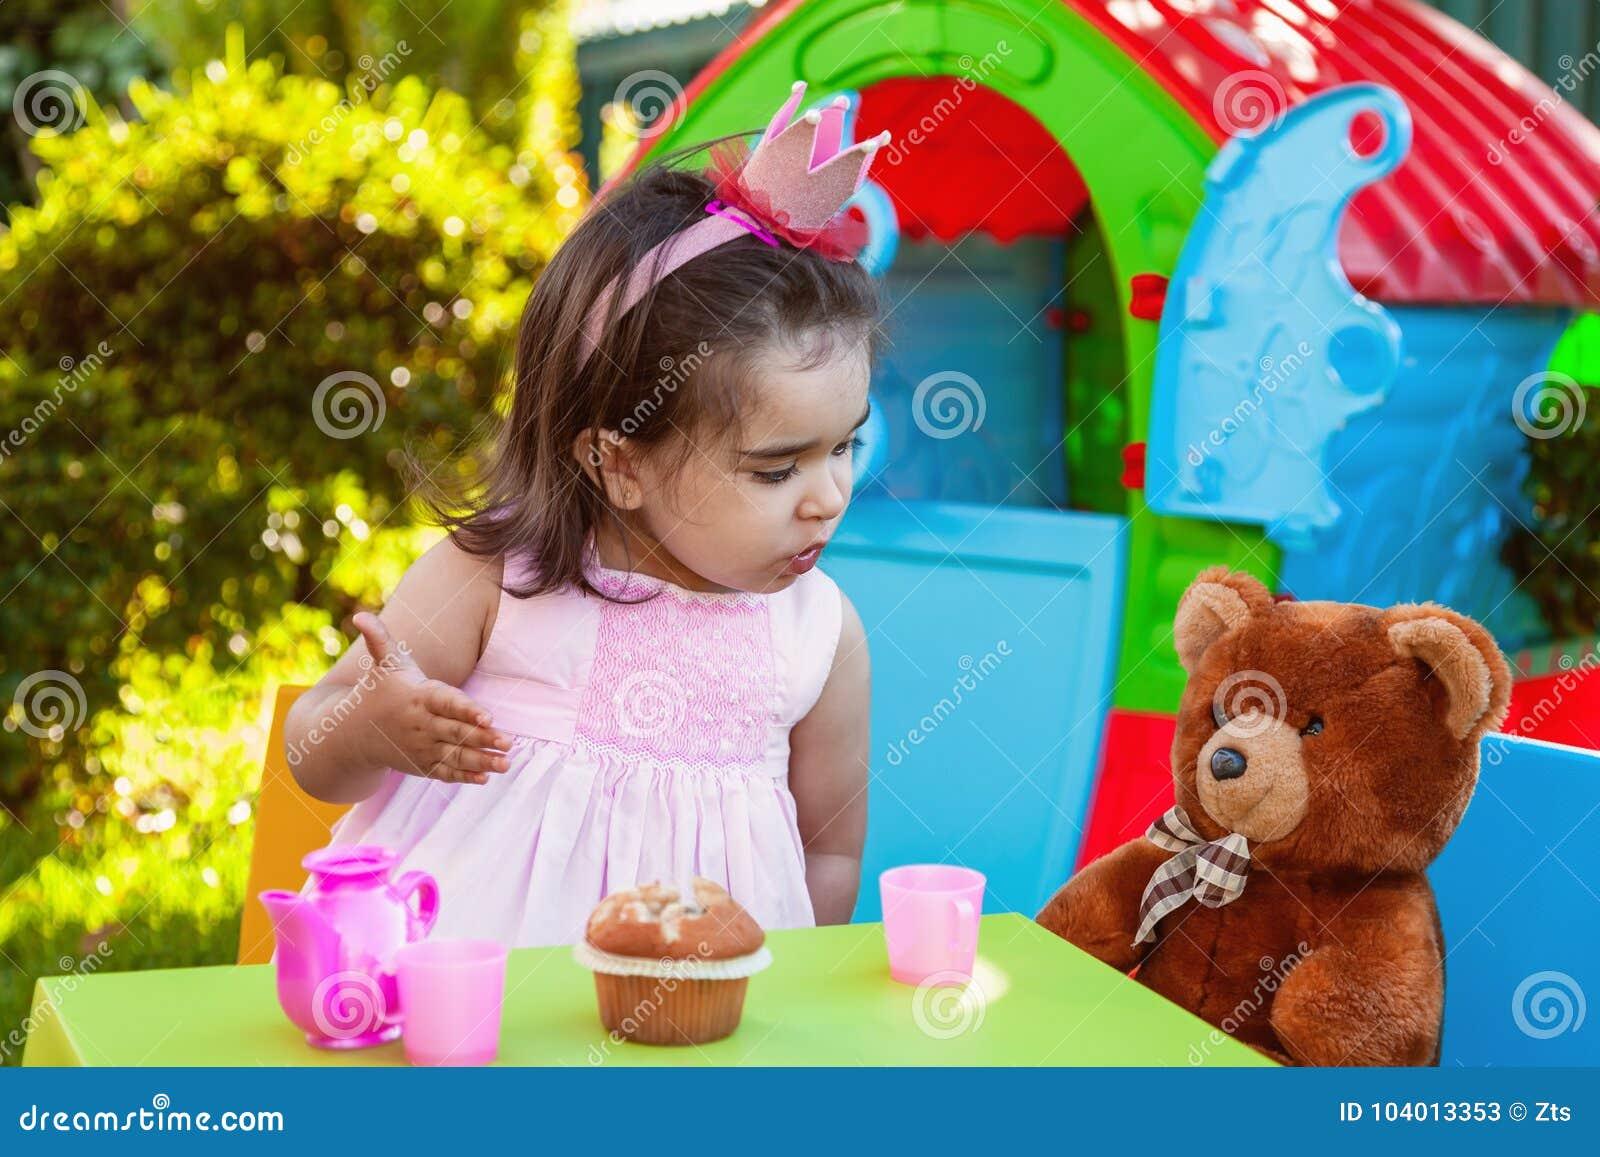 Muchacha del bebé que juega en la fiesta del té al aire libre que habla, charlando o compartiendo a su mejor amigo Teddy Bear